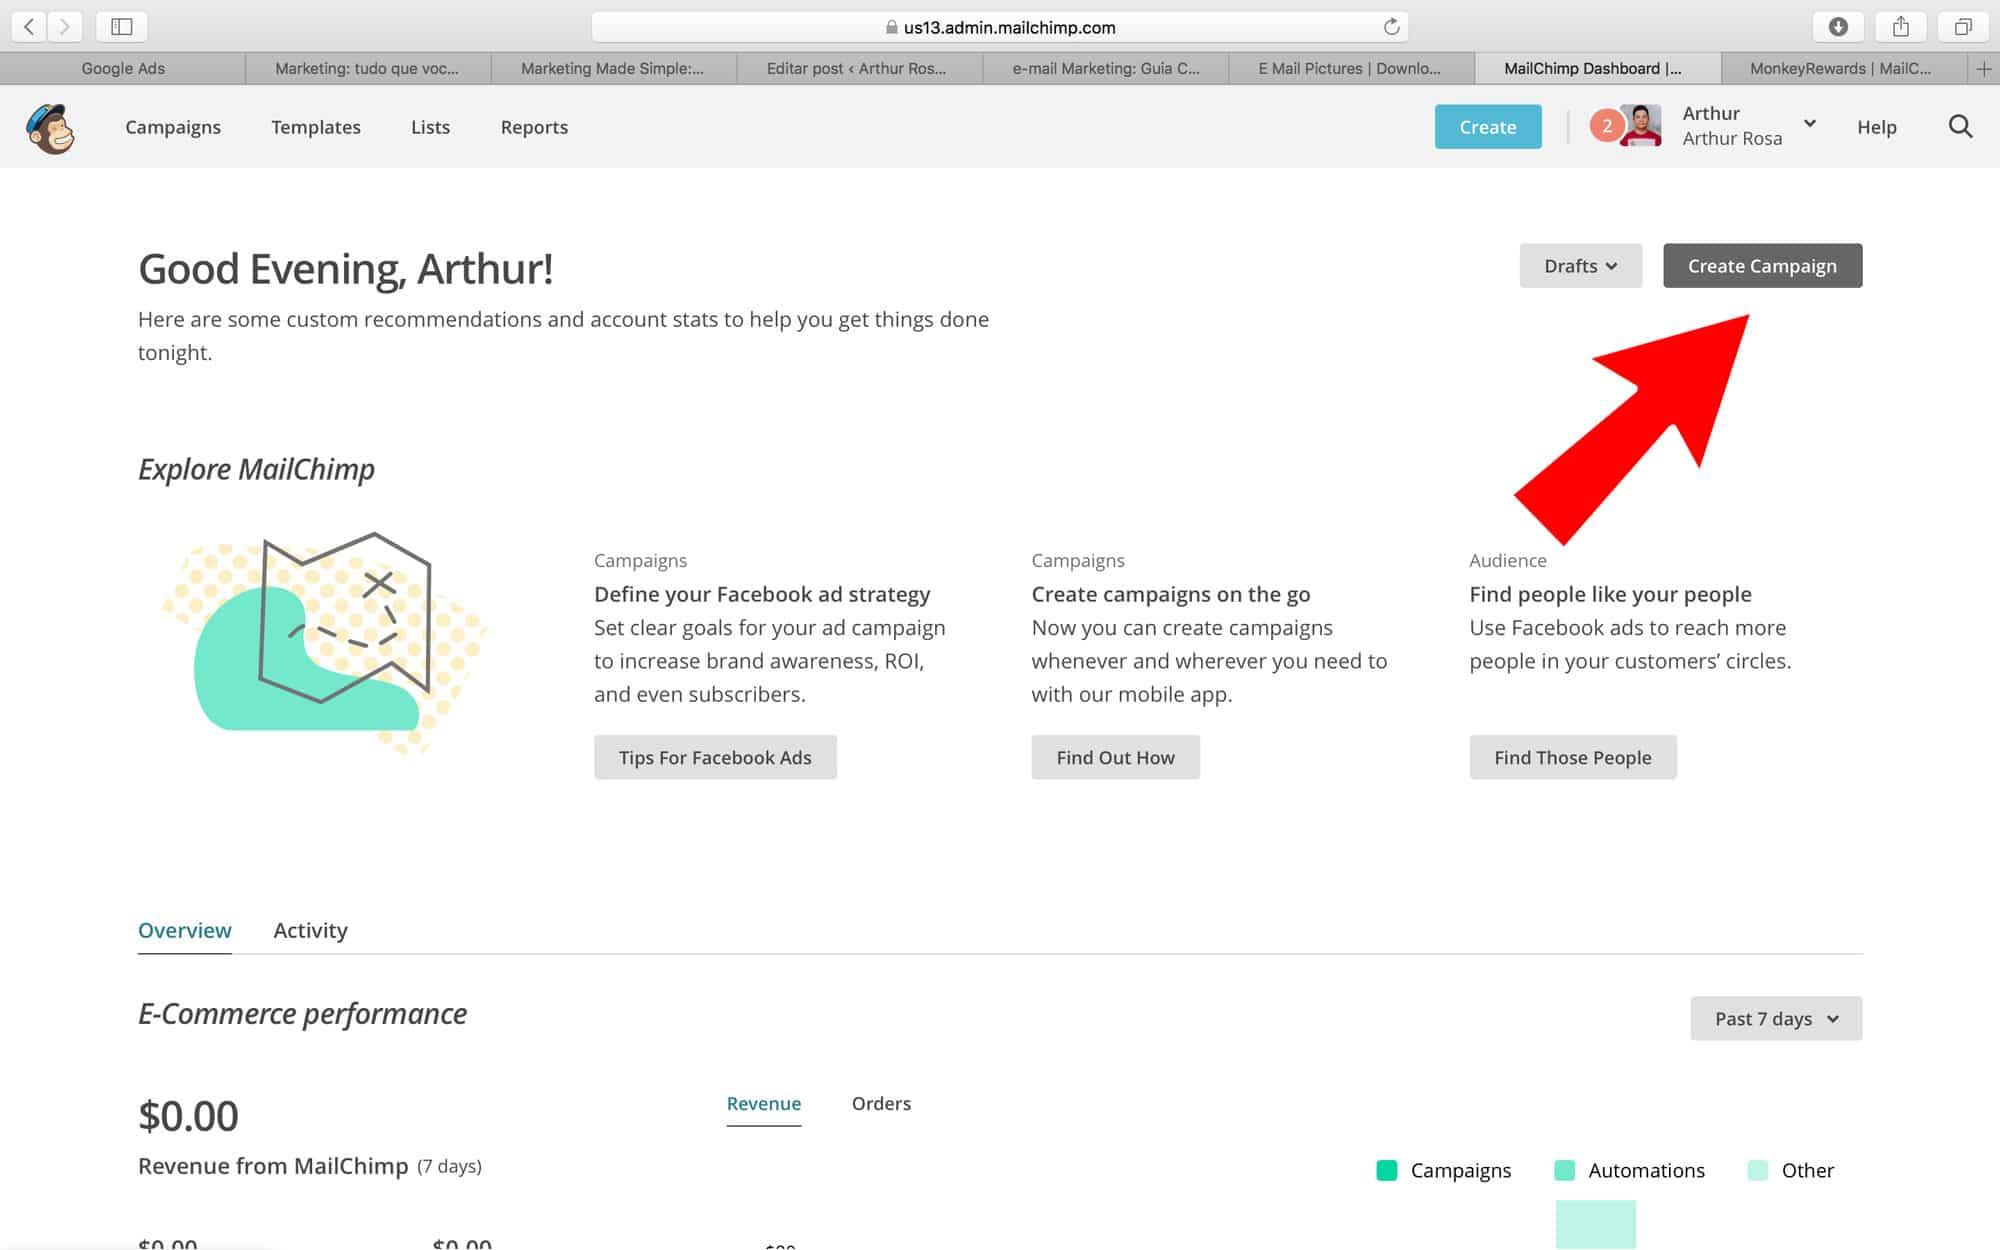 como criar campanha de email no mailchimp